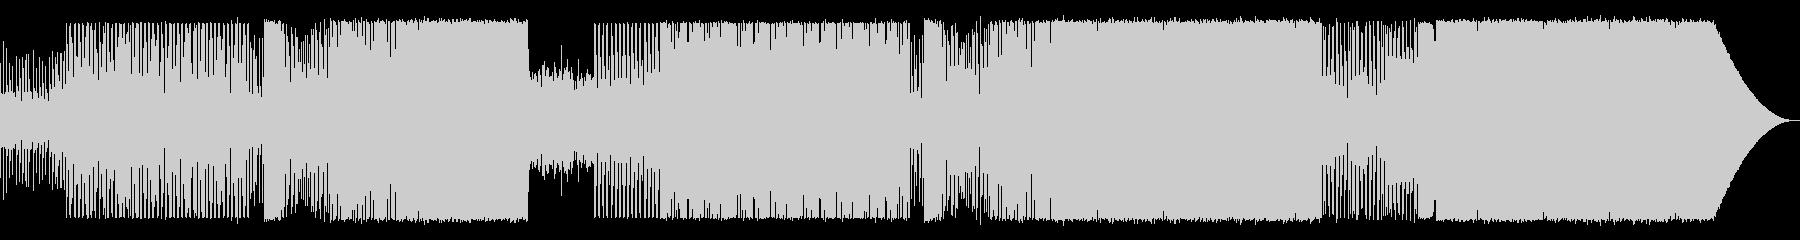 90年代風EDMの未再生の波形